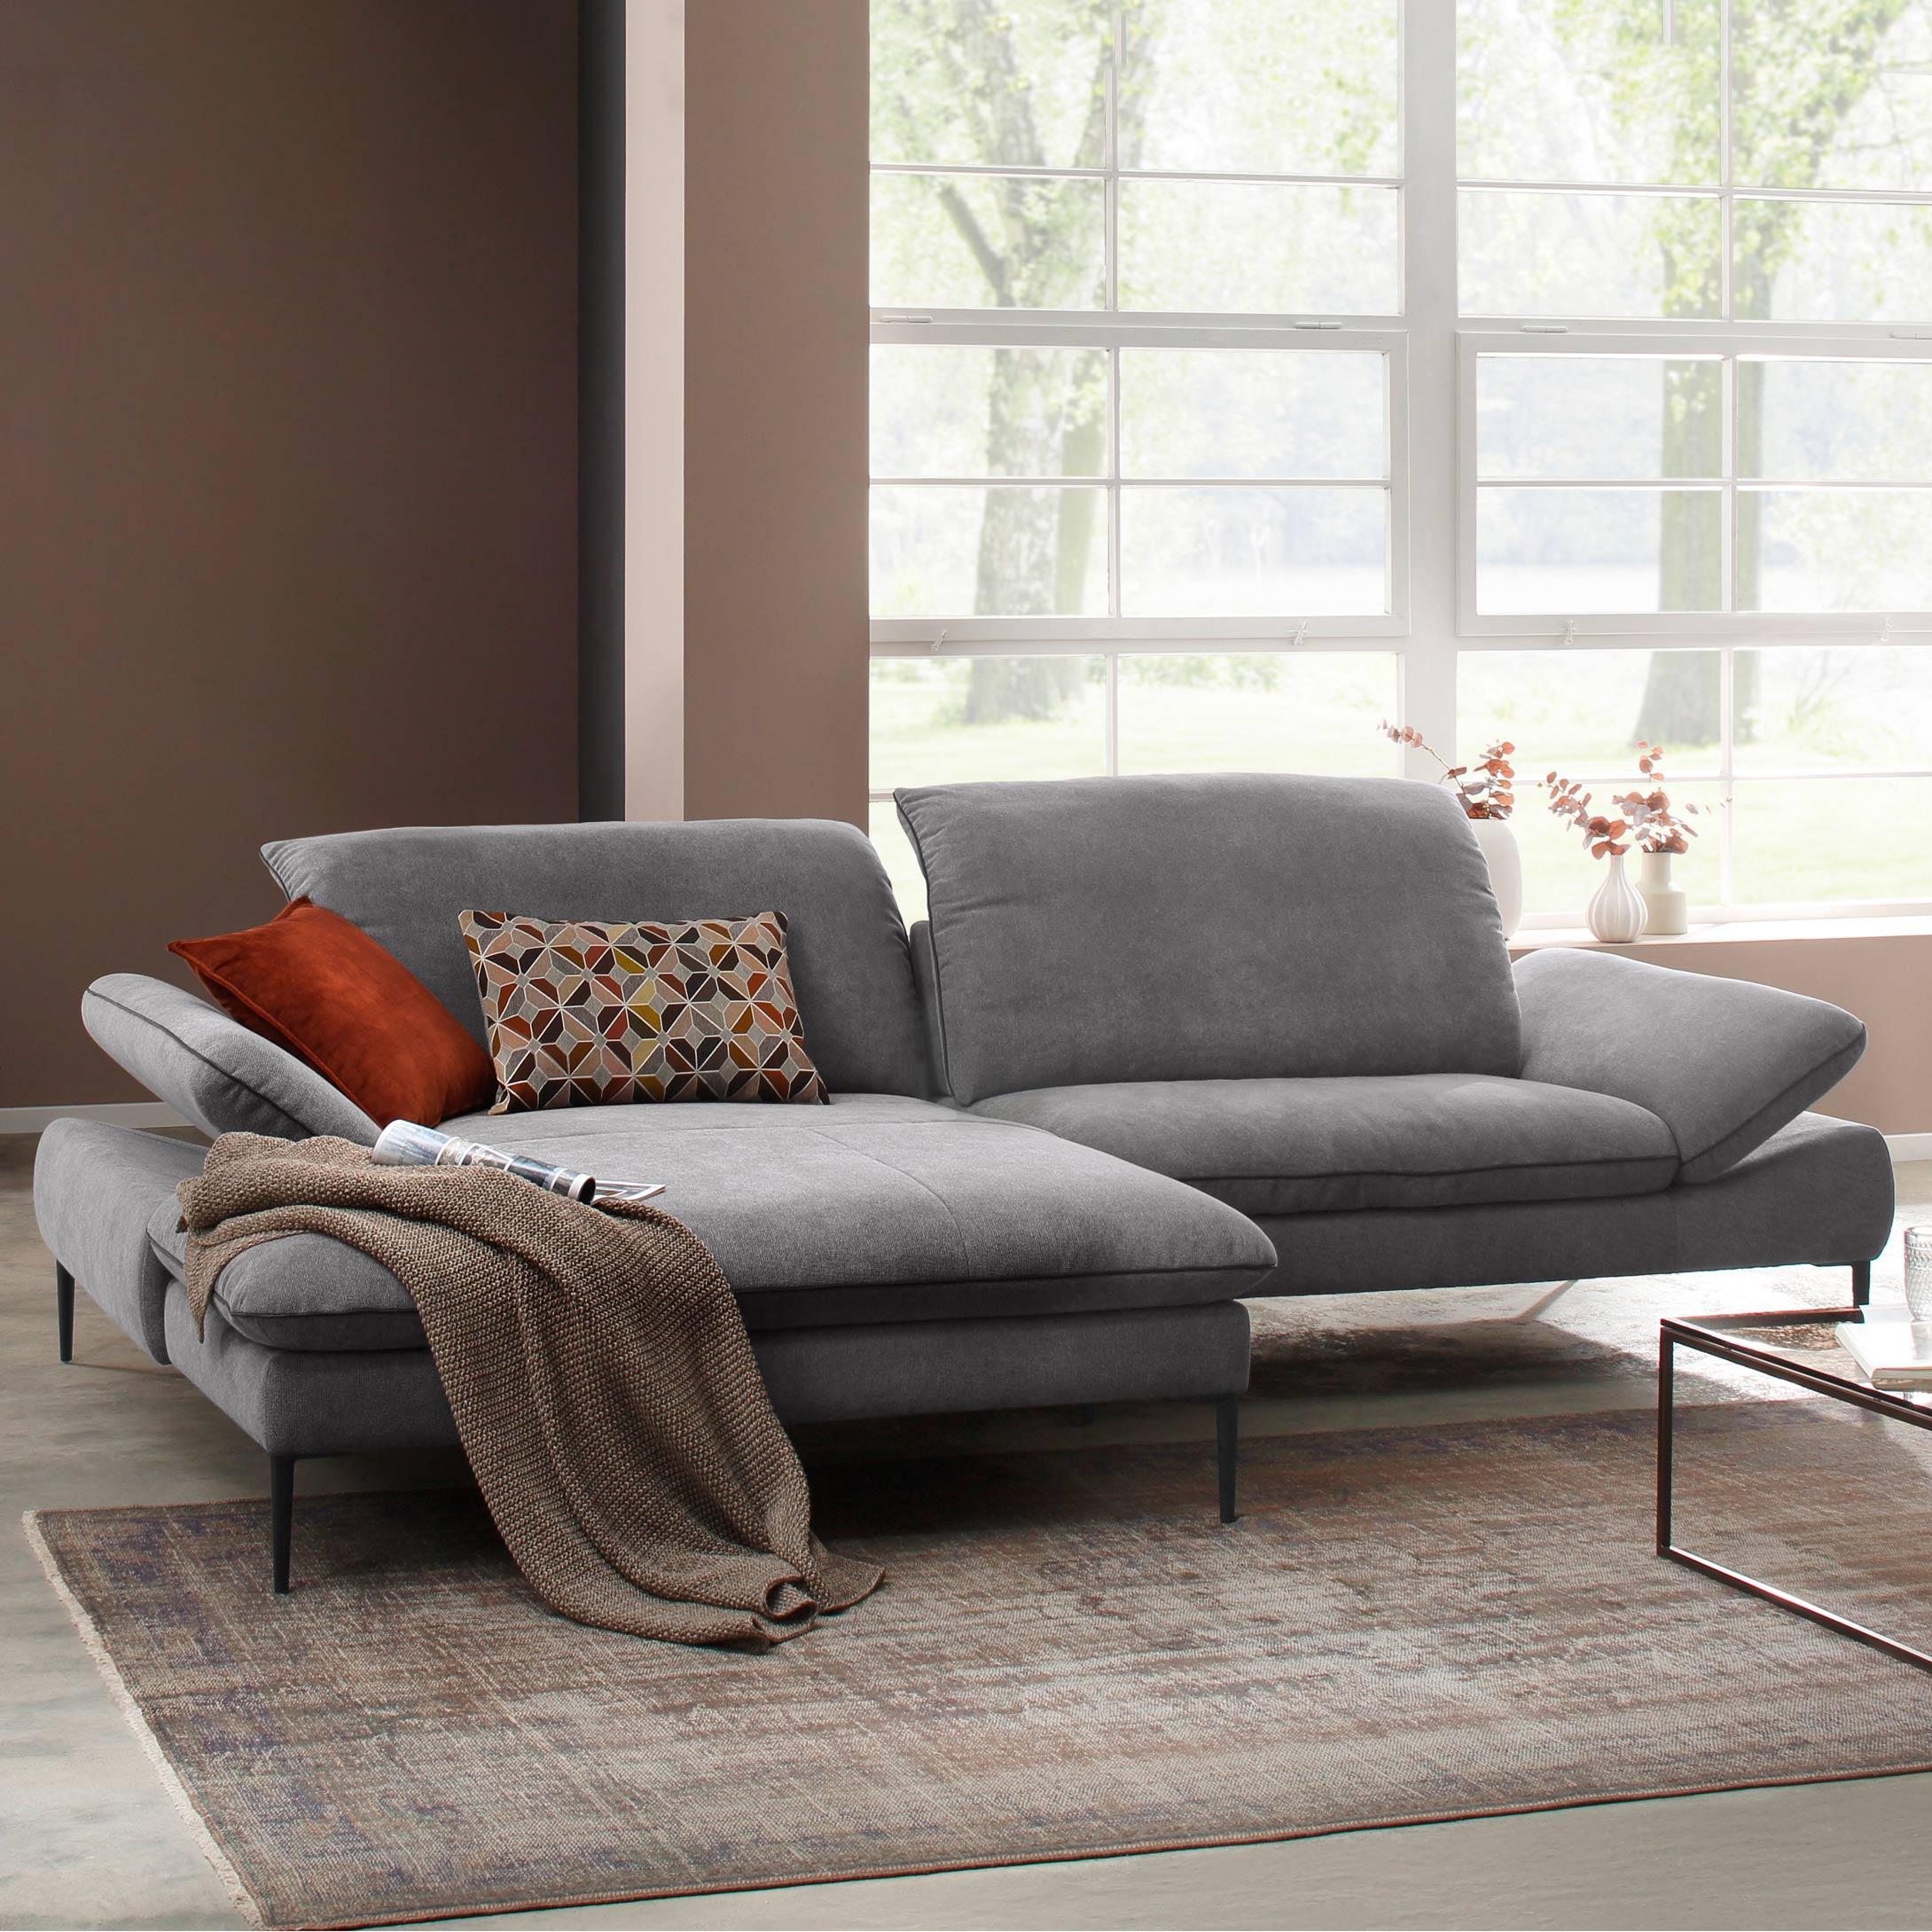 Full Size of Sofa Schillig Leder Couch Outlet Gebraucht W Broadway Ewald Kaufen Willi Black Label Online Enjoymore Von Mbel Br Ag Polsterreiniger Impressionen 3 2 1 Sitzer Sofa Sofa Schillig